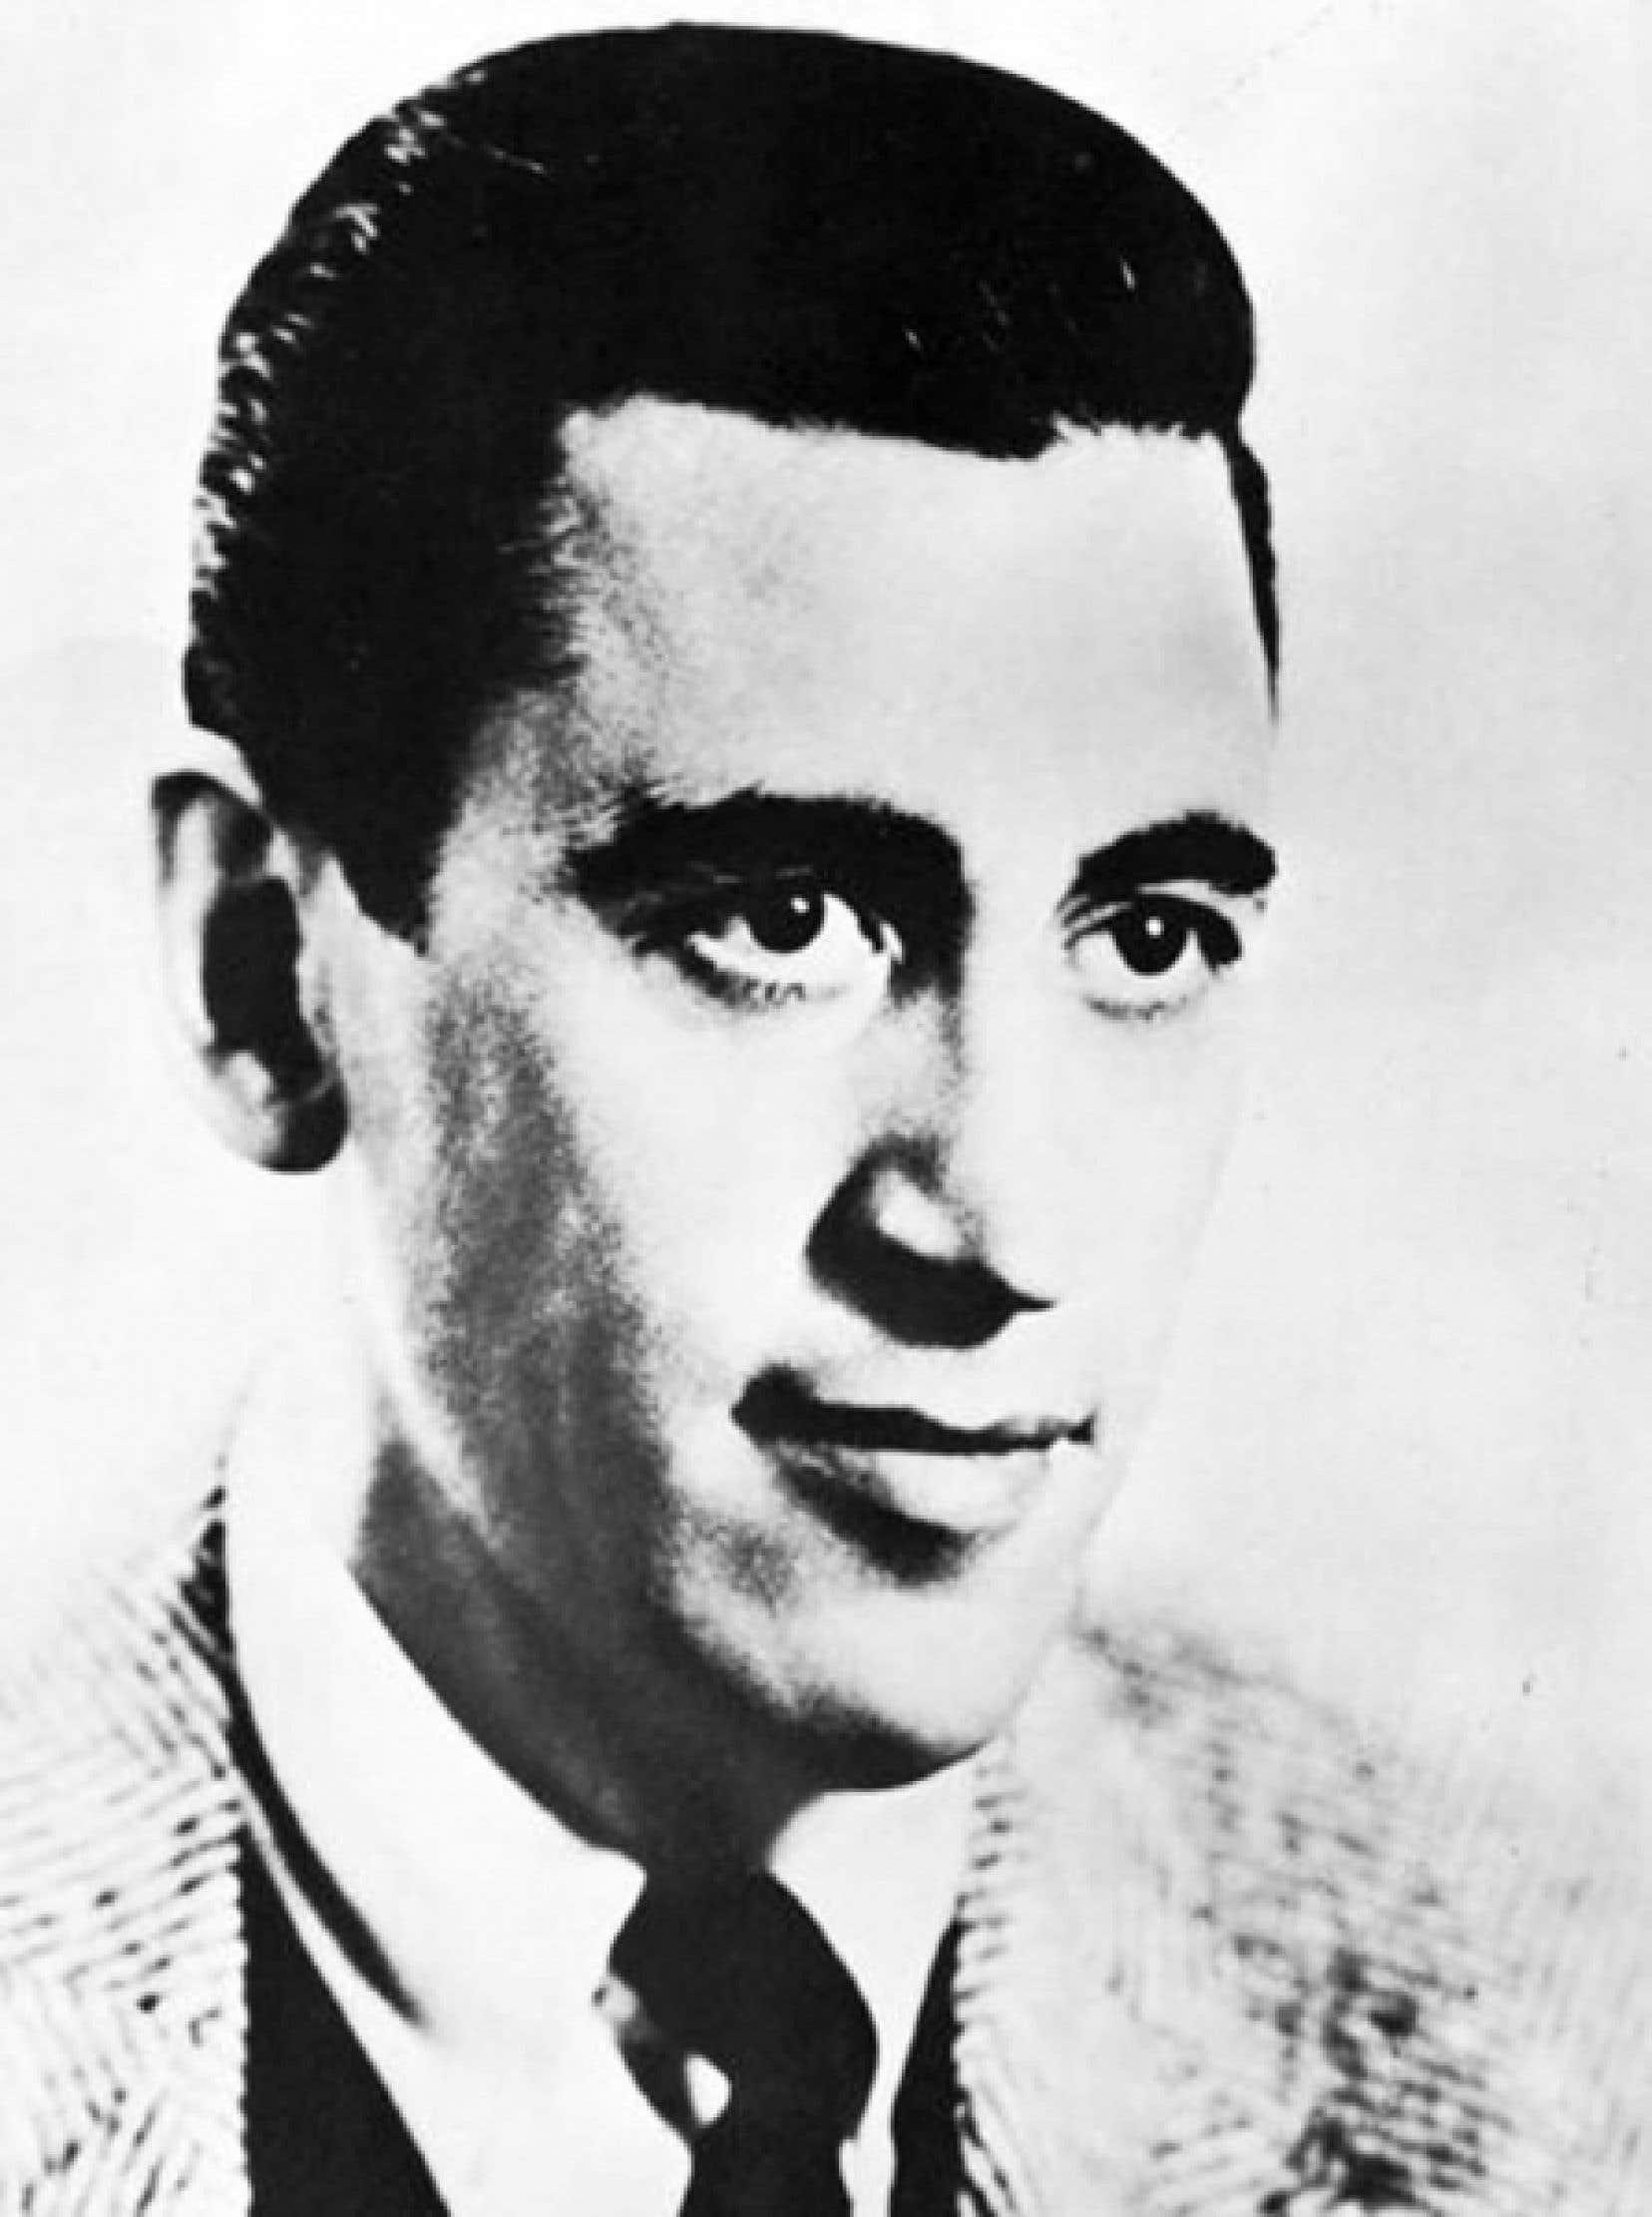 Cette photo de Salinger, qui date de 1951, est une des seules photos de l'écrivain en circulation